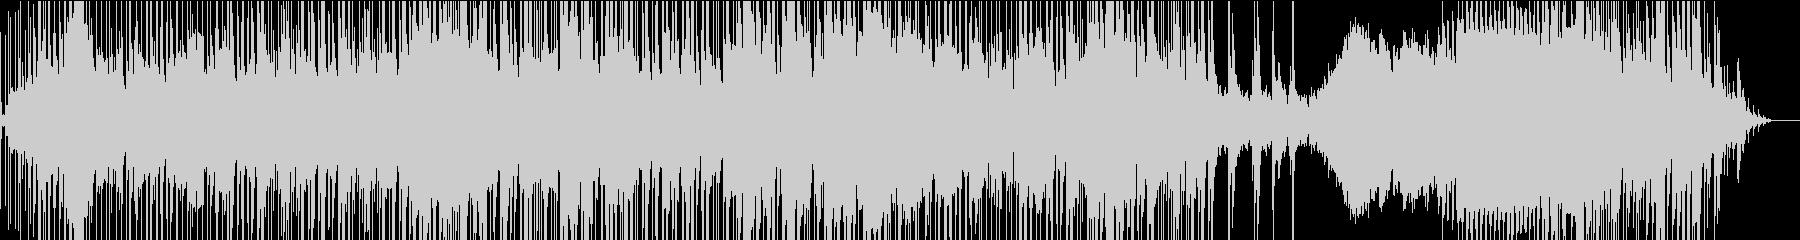 ジャズ風のオープニング曲の未再生の波形